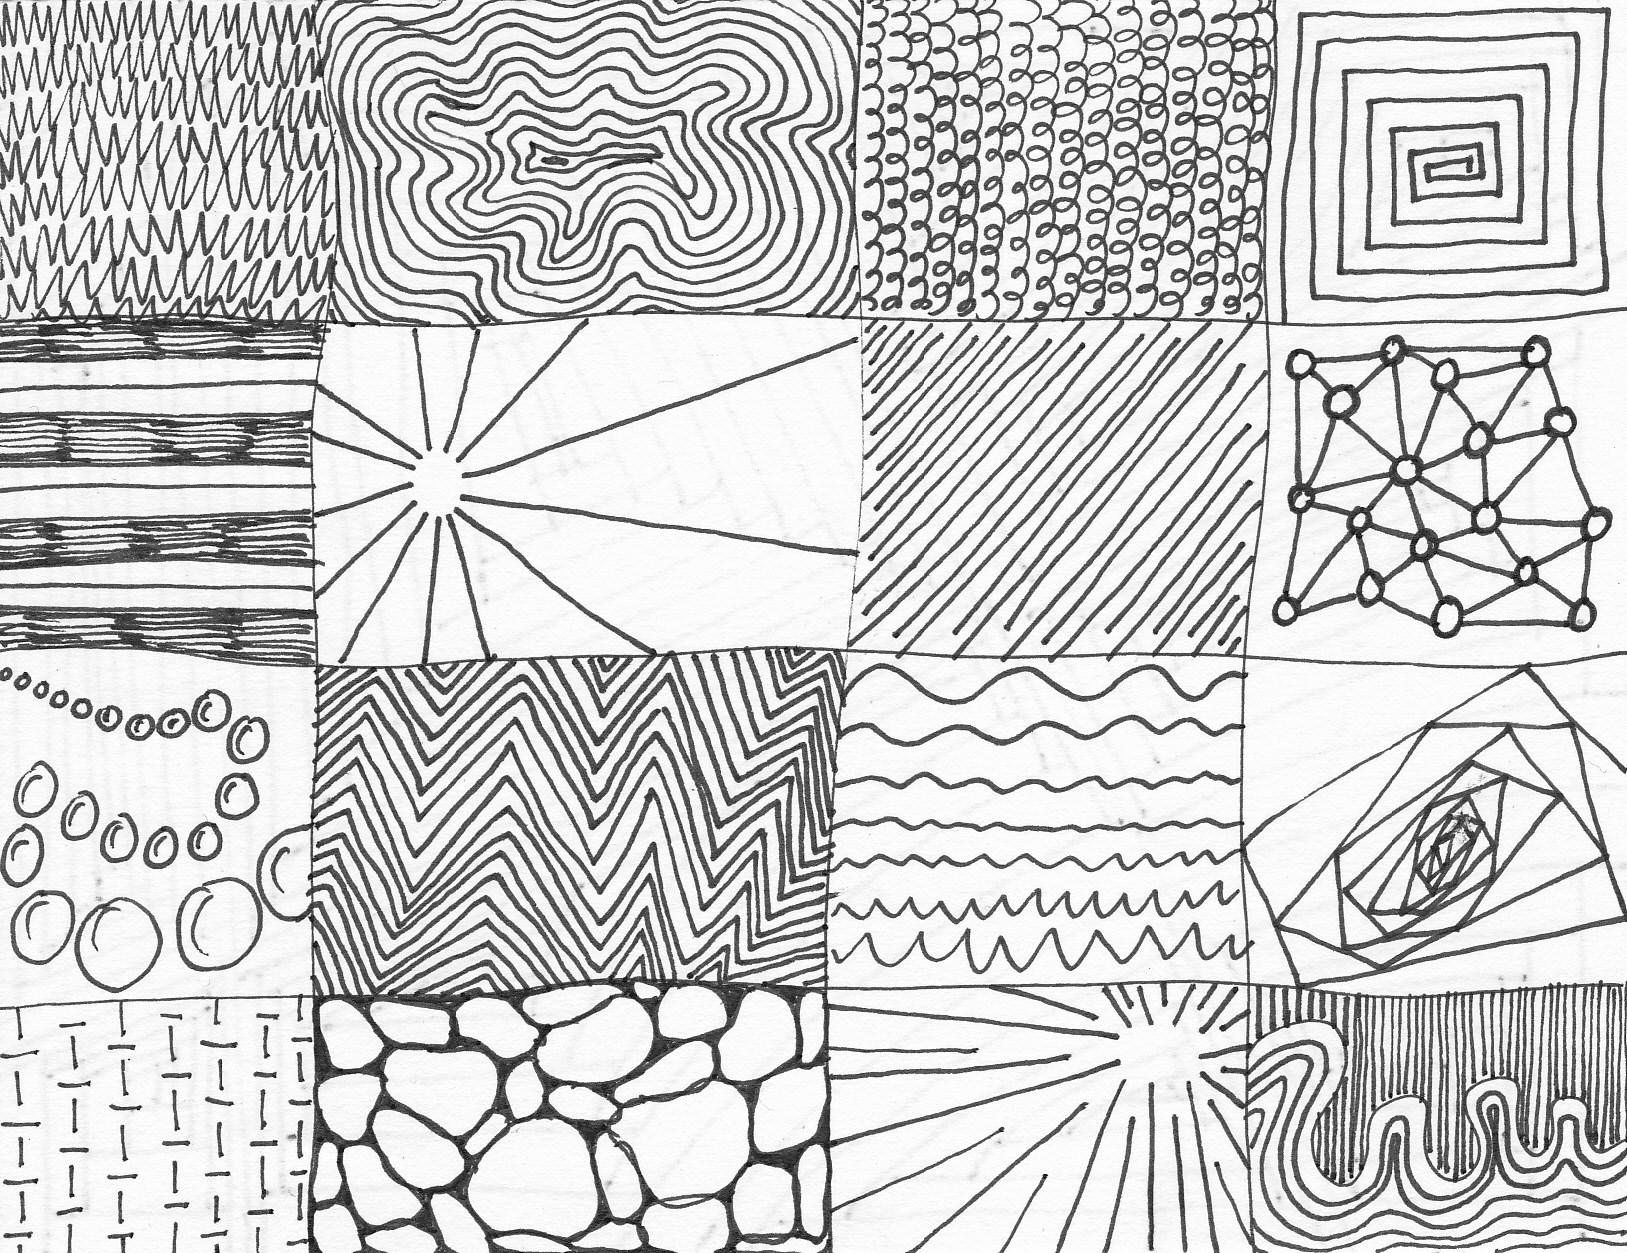 1627x1253 Op Art The Sketchbook Concern